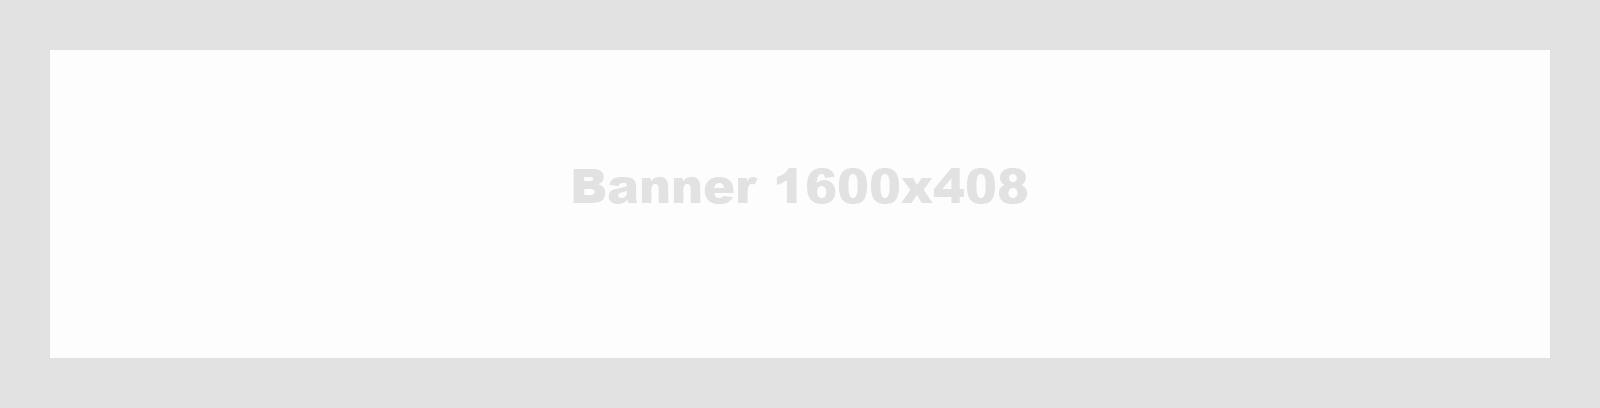 banner-leader